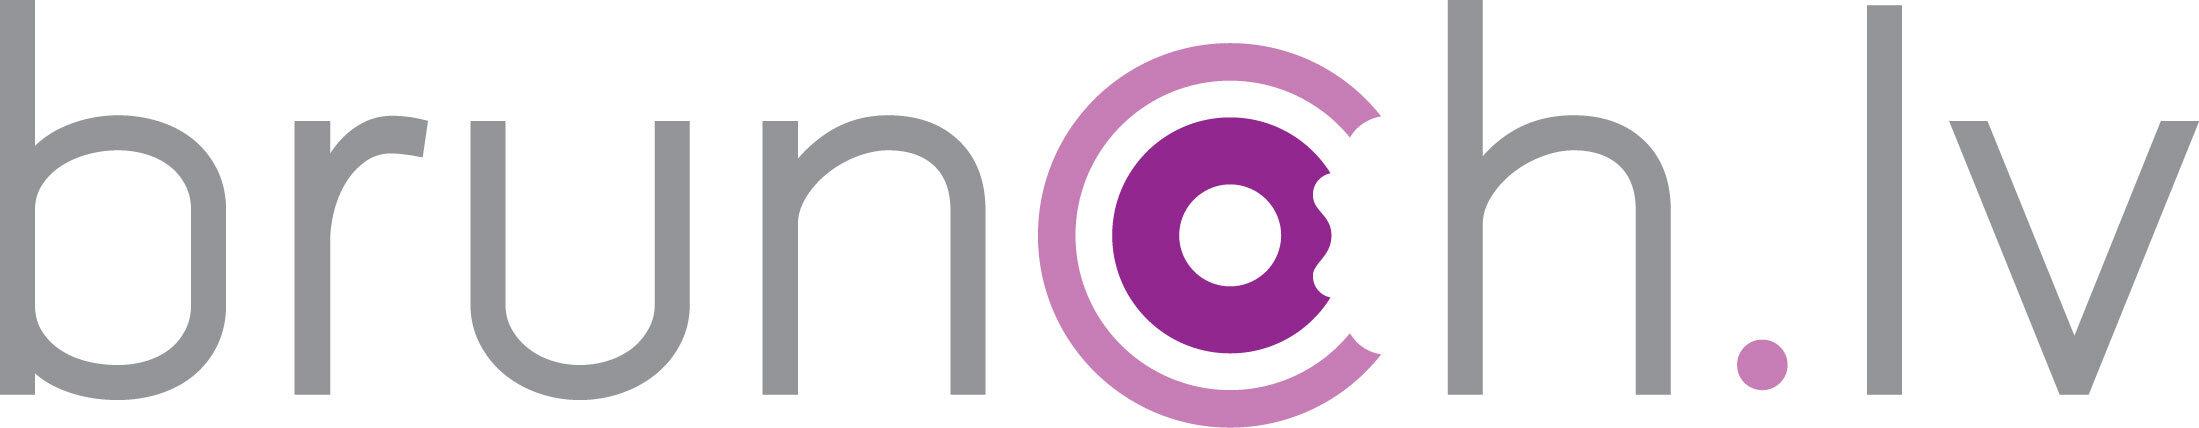 brunch-logo_png.jpg